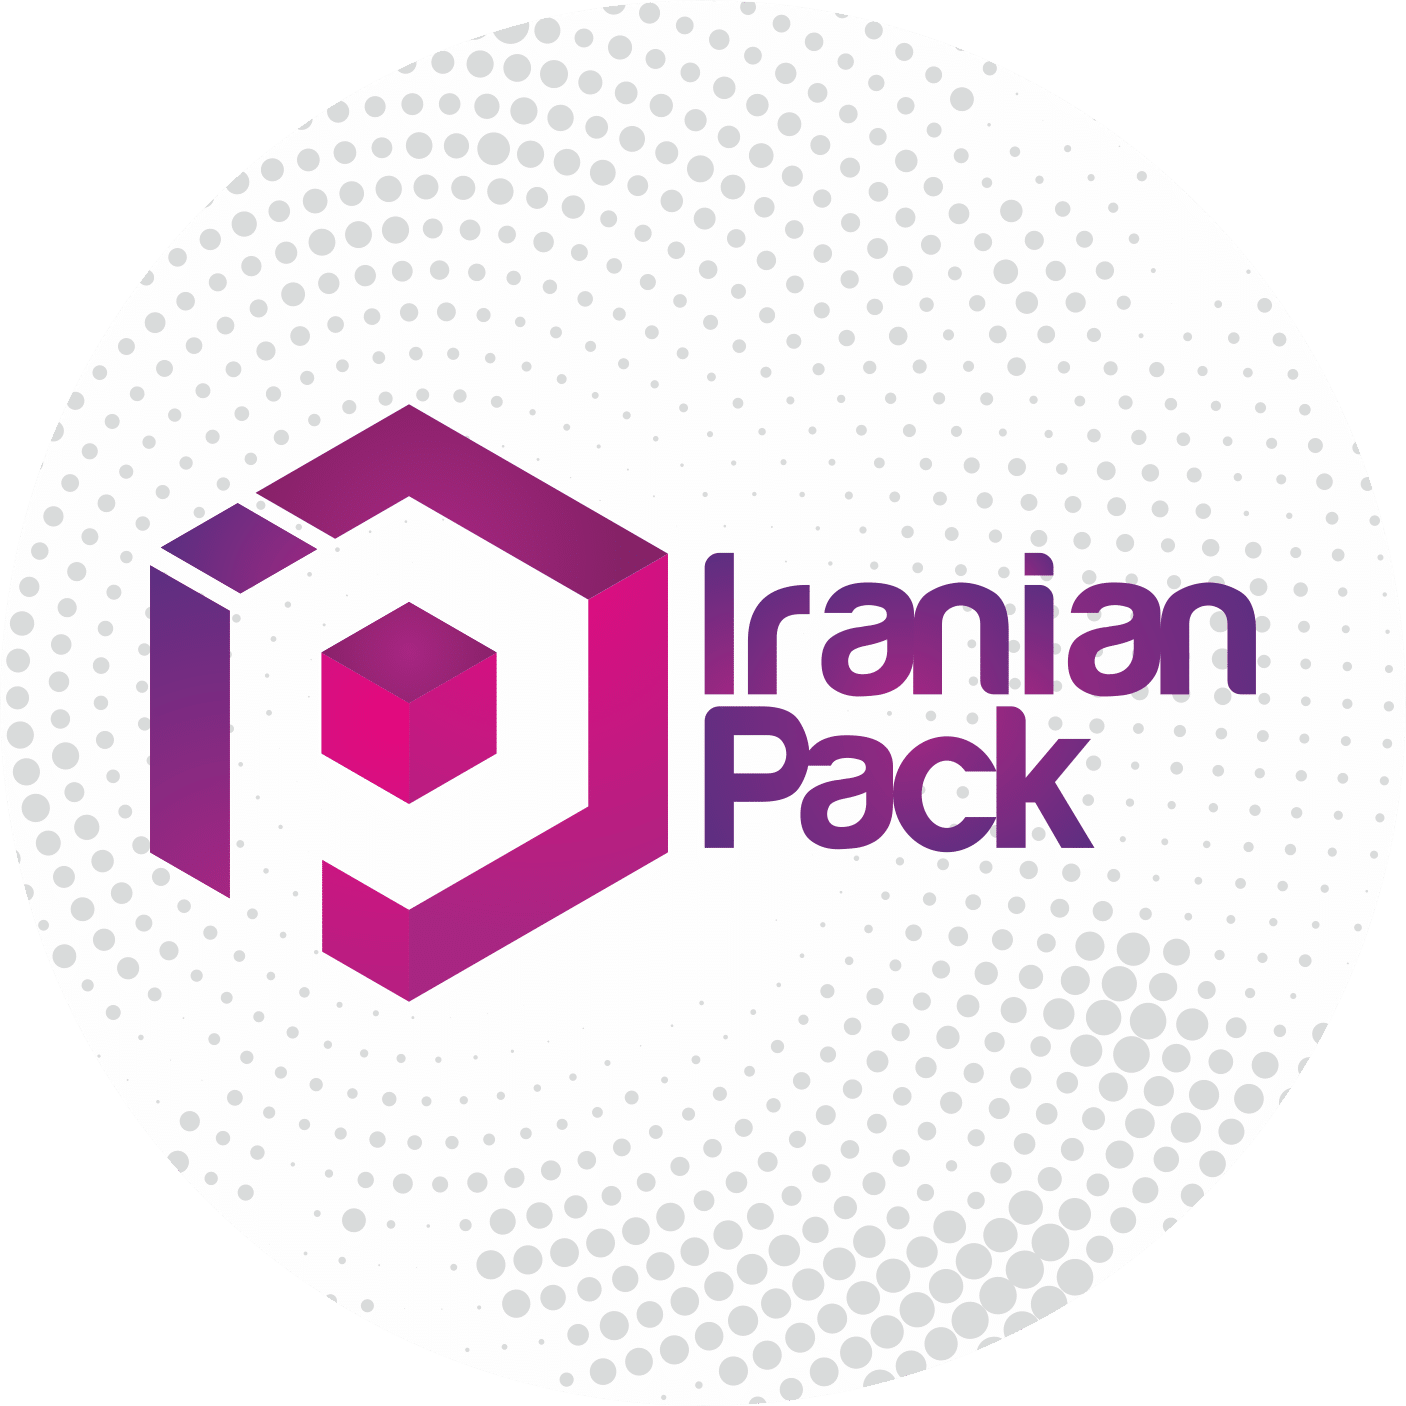 ایرانیان پک - طراحی و چاپ جعبه های فست فودی | جعبه پیتزا | جعبه برگر